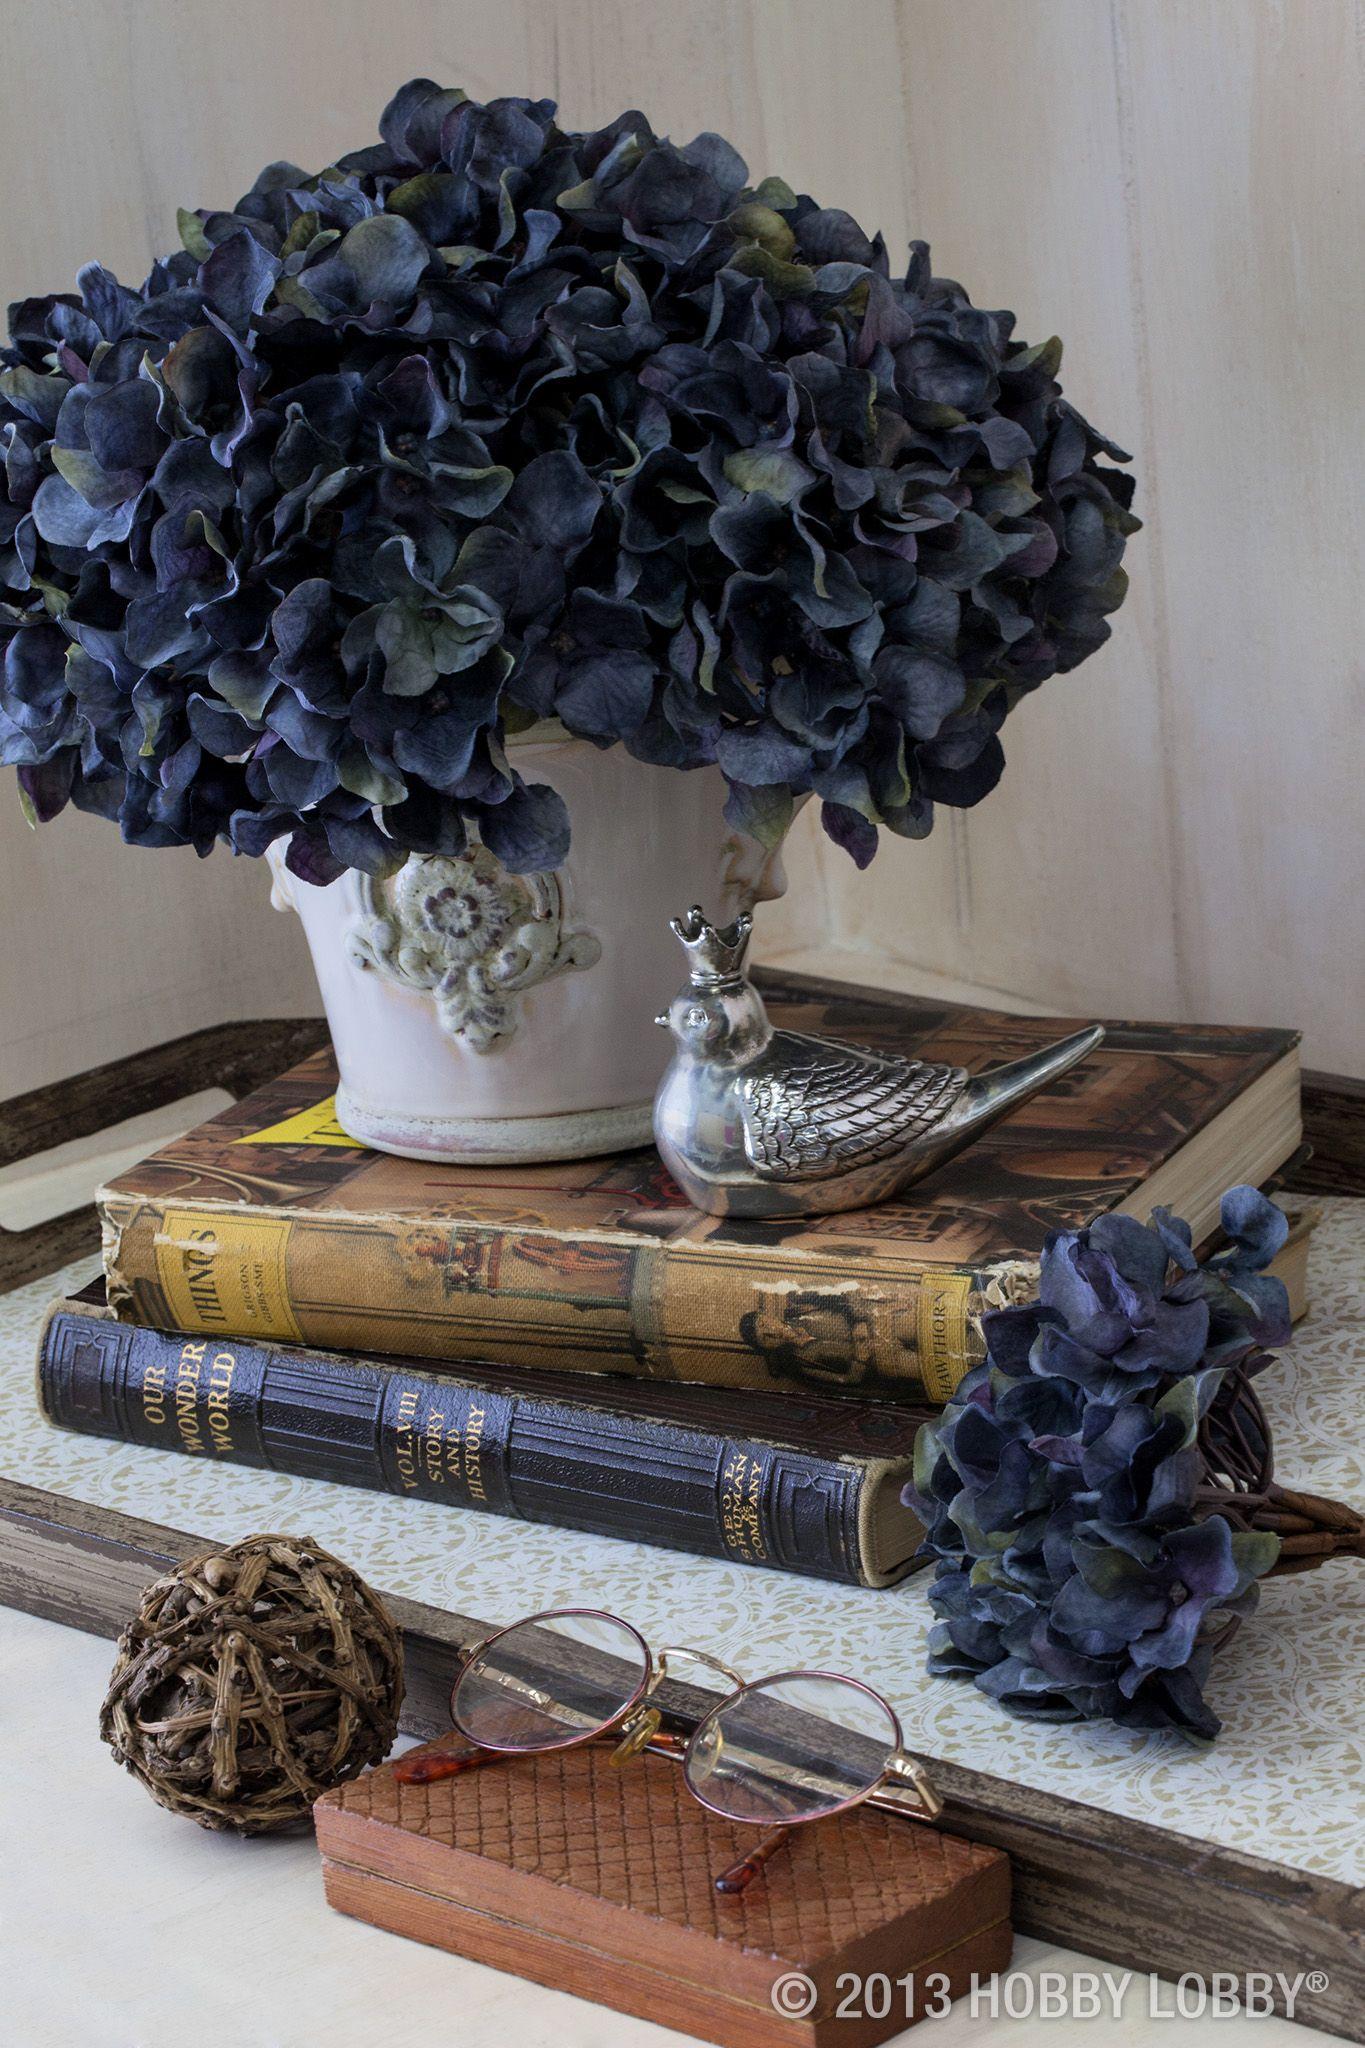 Fiori Di Ortensia Secchi pin di maria rosa hussar su azul | ortensie, composizioni